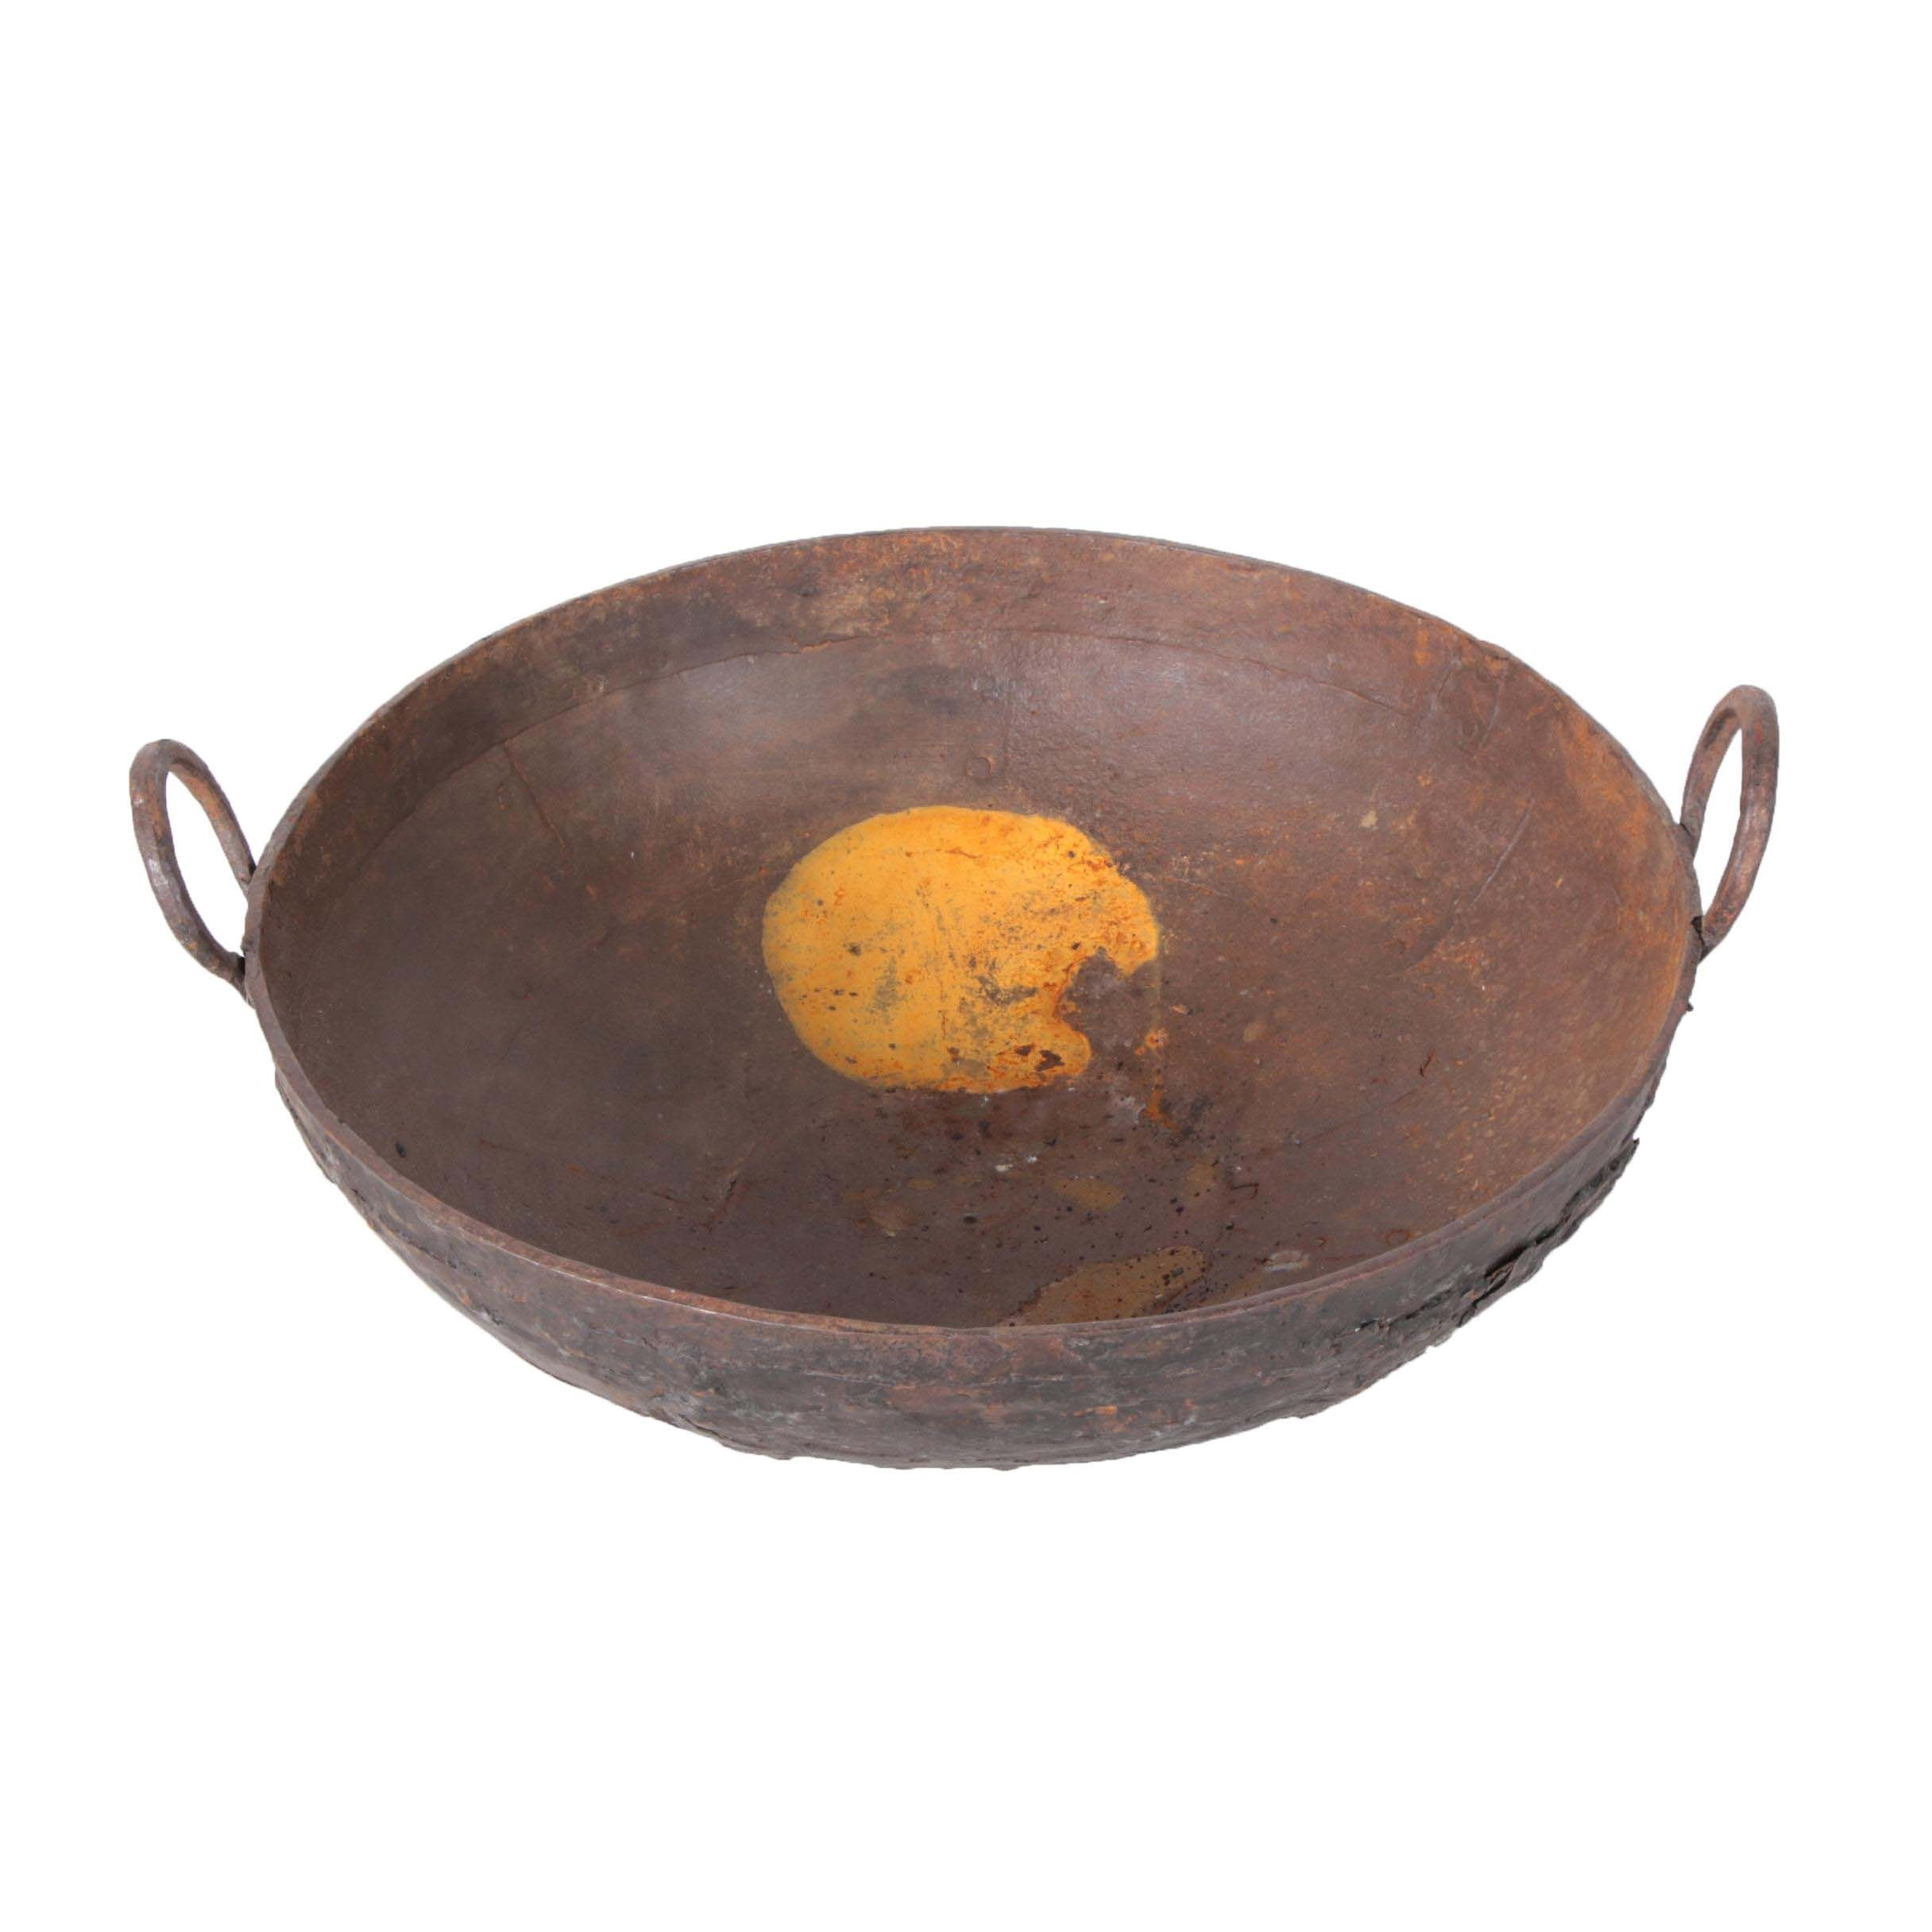 Indian Iron Kadai Fire Bowl